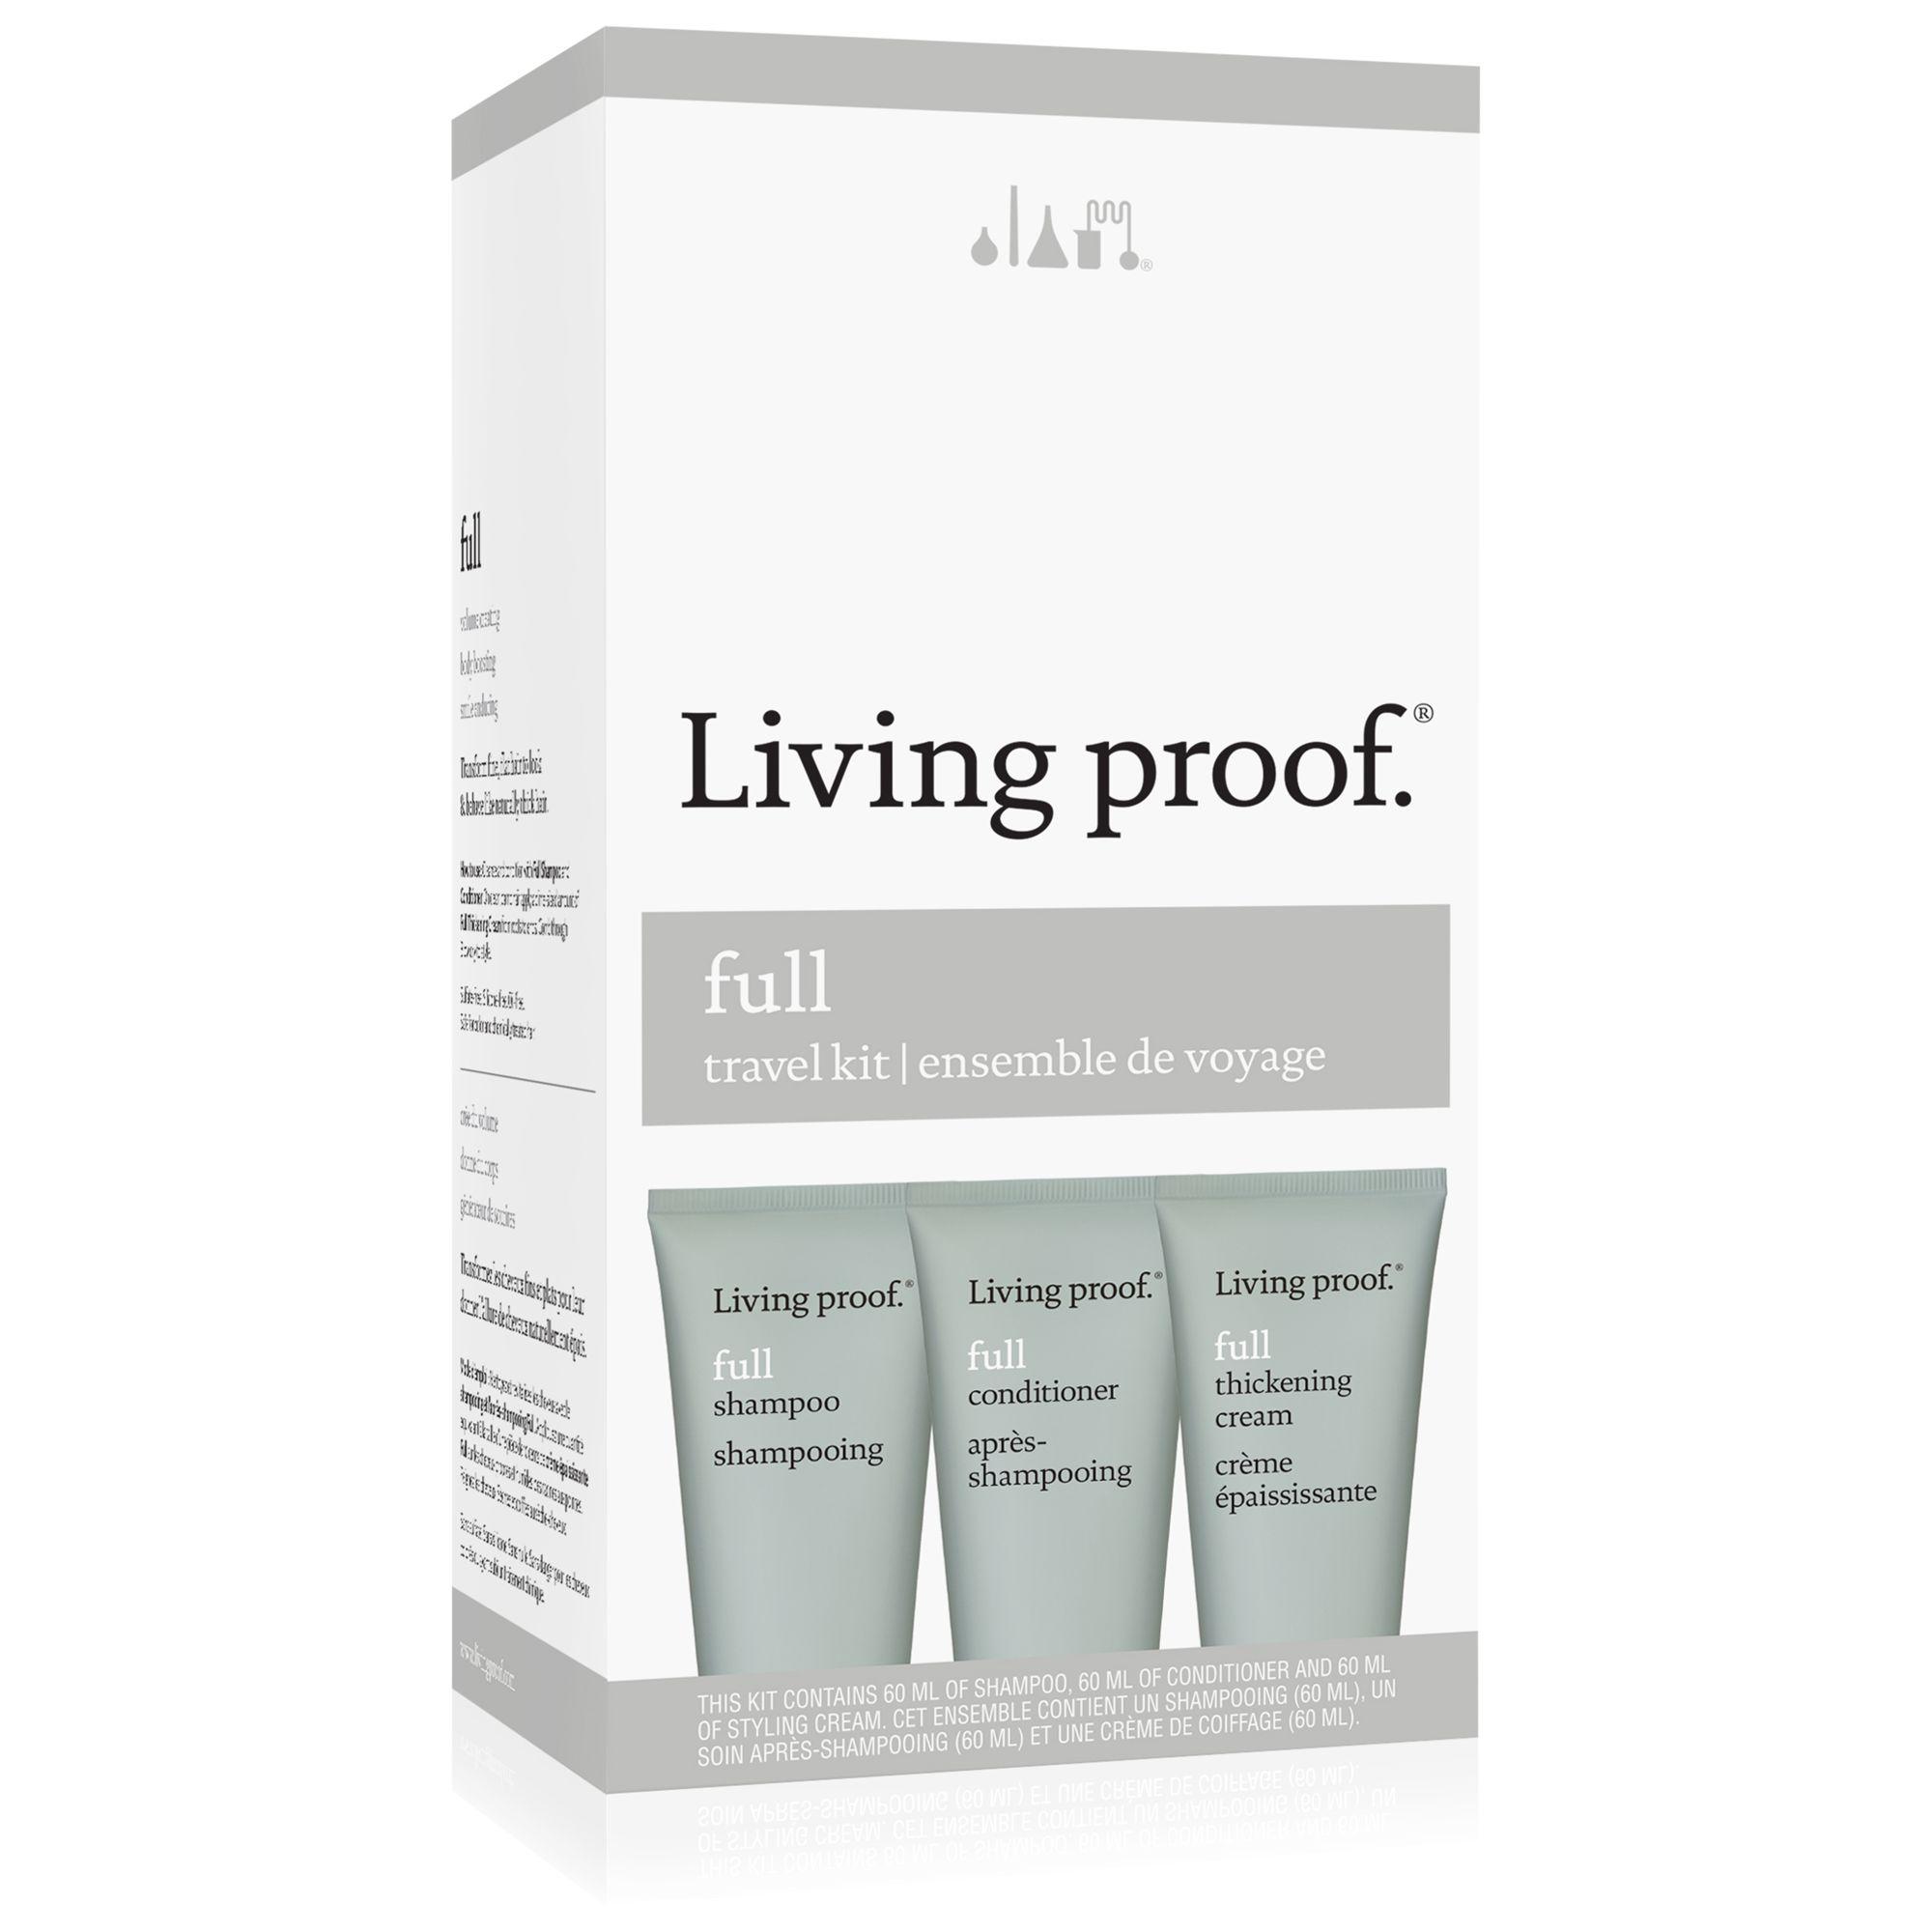 Living Proof Living Proof Full Travel Kit Haircare Gift Set